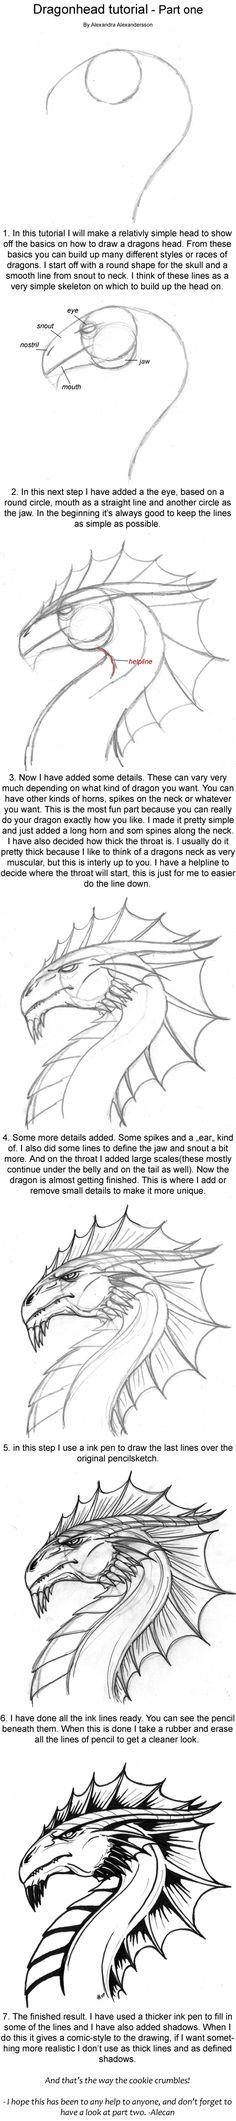 Dragonhead Tutorial part one by alecan.deviantart.com on @deviantART. Oula, je sens que celui-là je vais m'en servir souvent! ;)